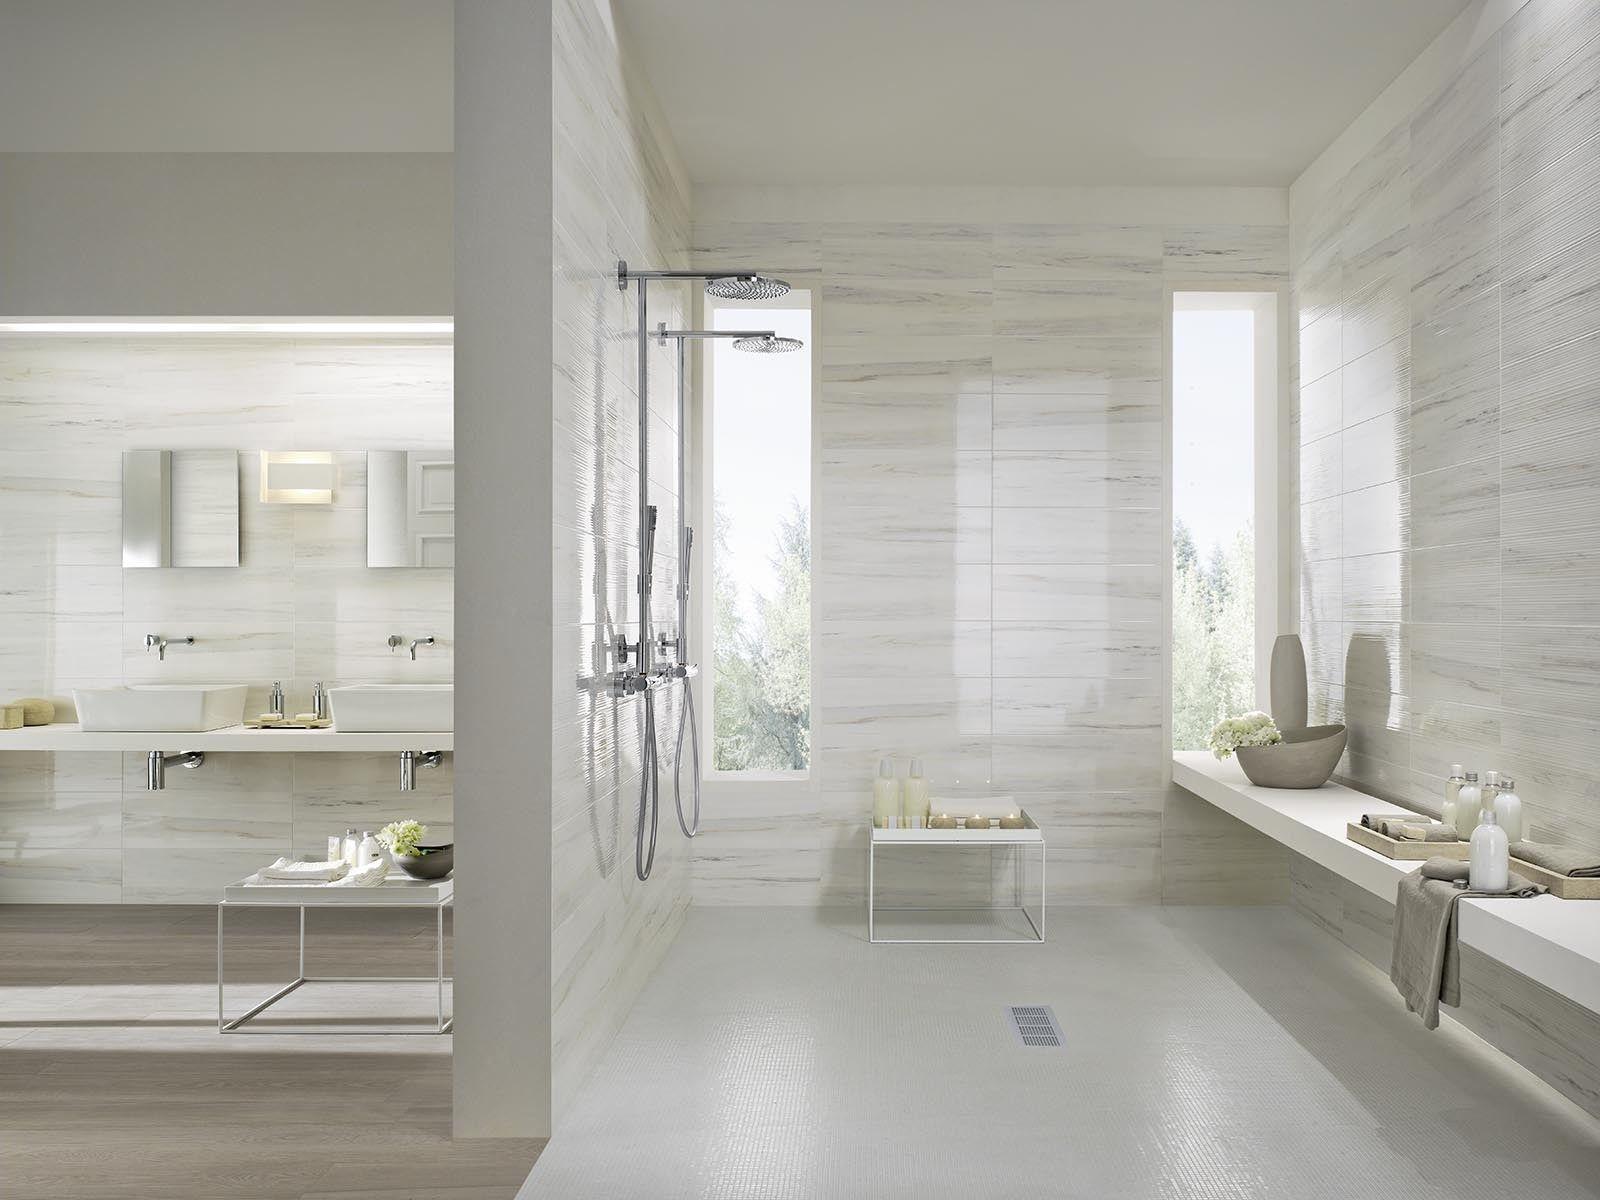 bagni con pavimebto nero gres porcellanato : Pavimento/rivestimento in gres porcellanato smaltato effetto marmo ...